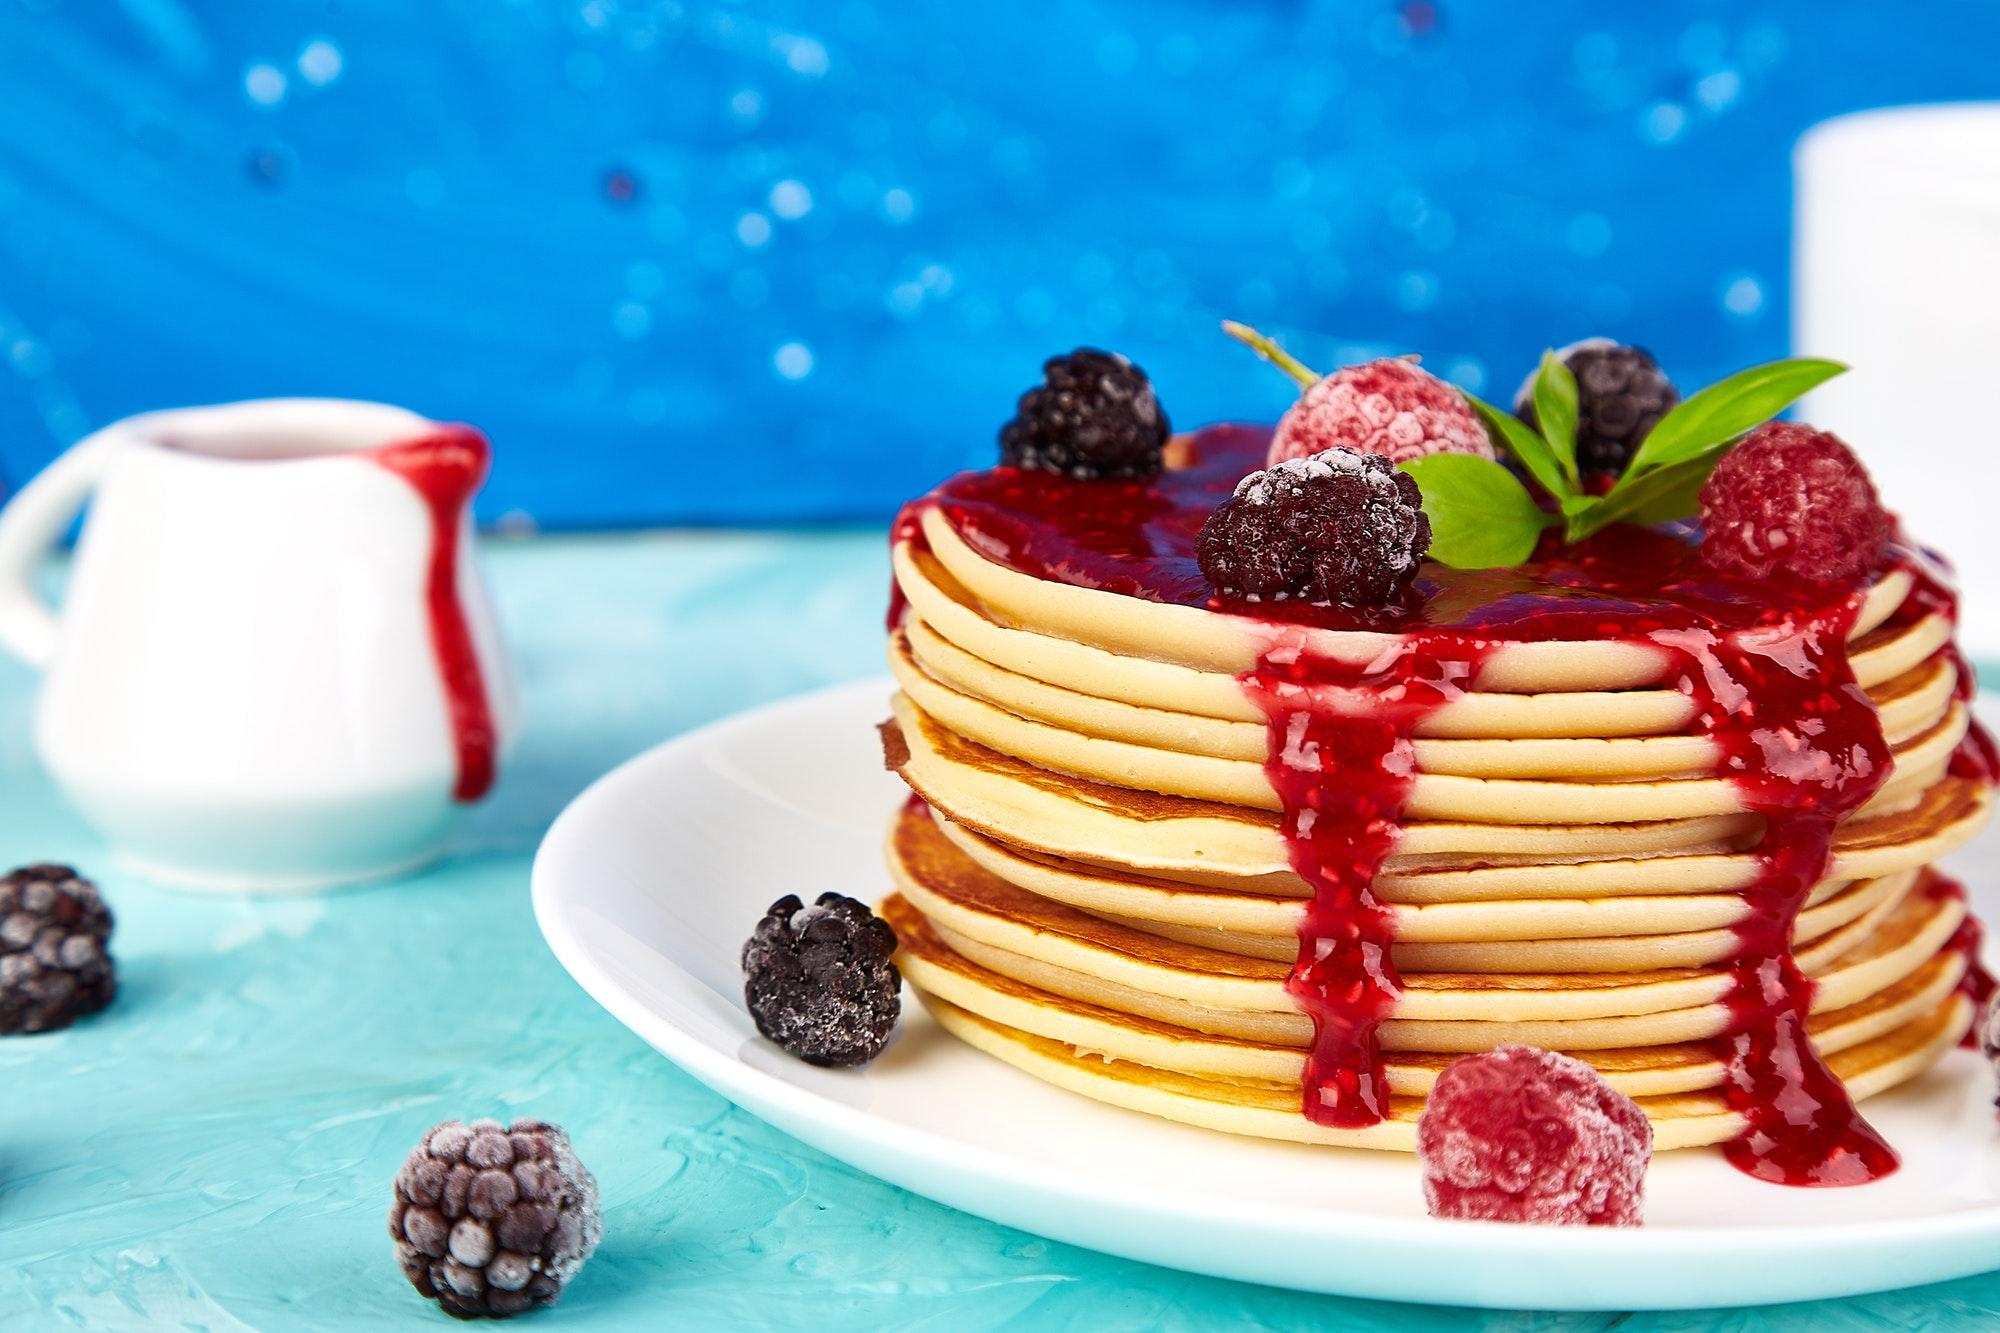 Pancake for breakfast